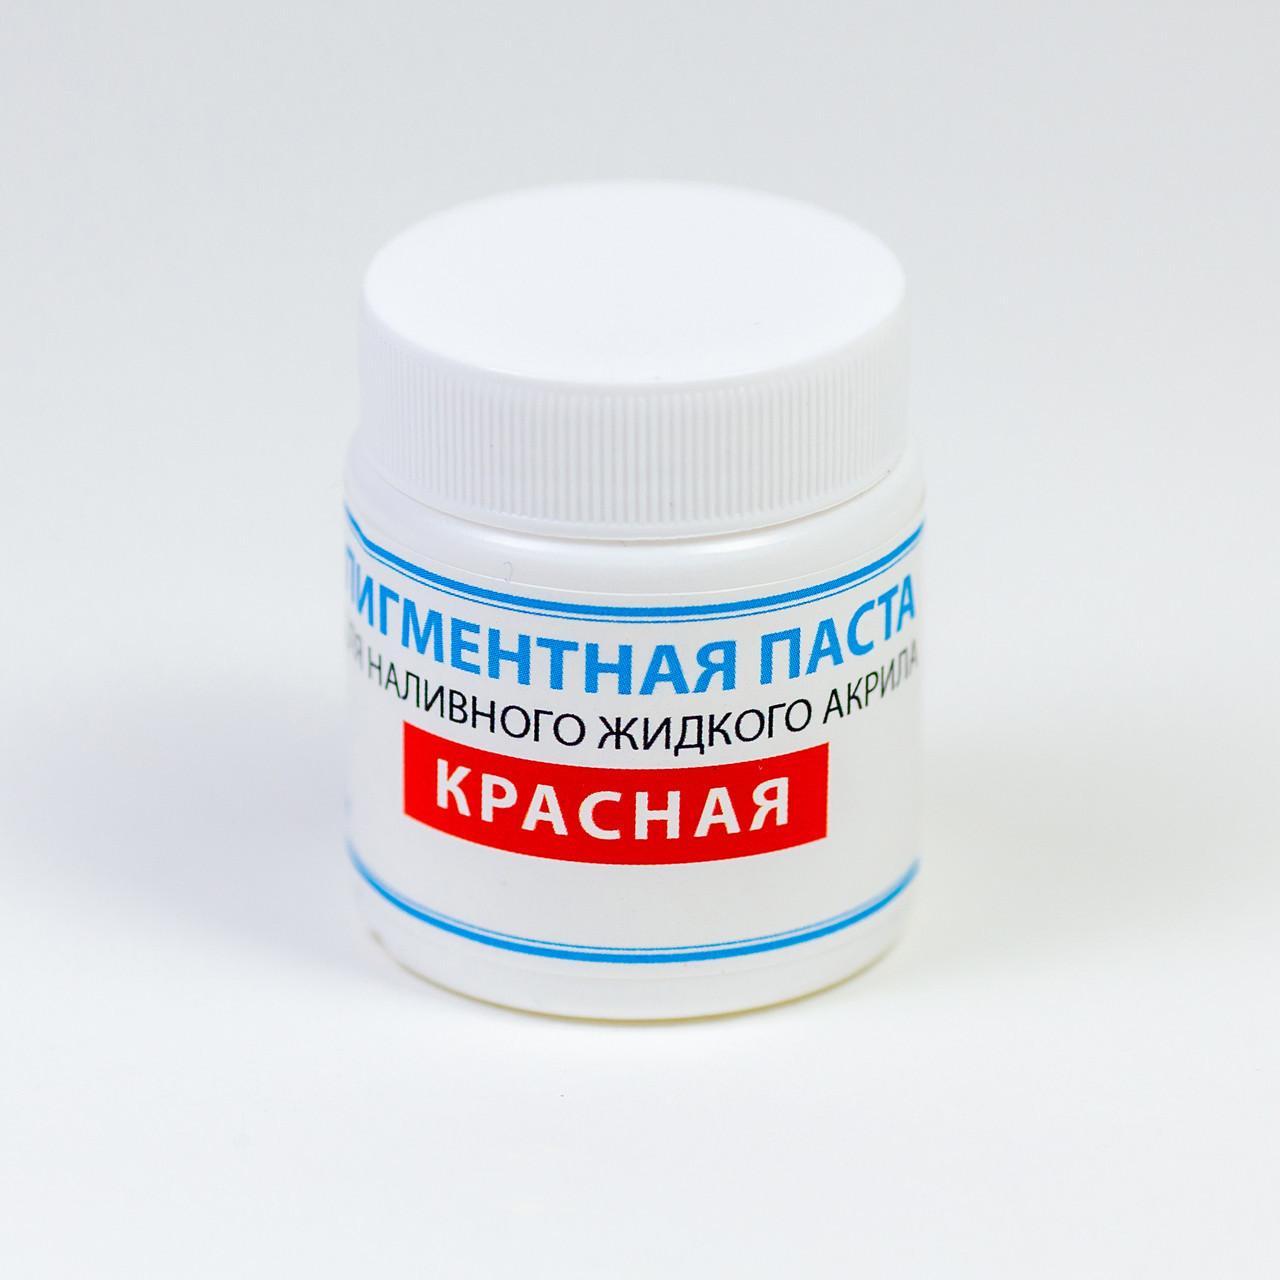 Краситель для жидкого акрила ПРОСТО И ЛЕГКО для реставрации ванн 80 г Красная ванна (5949)